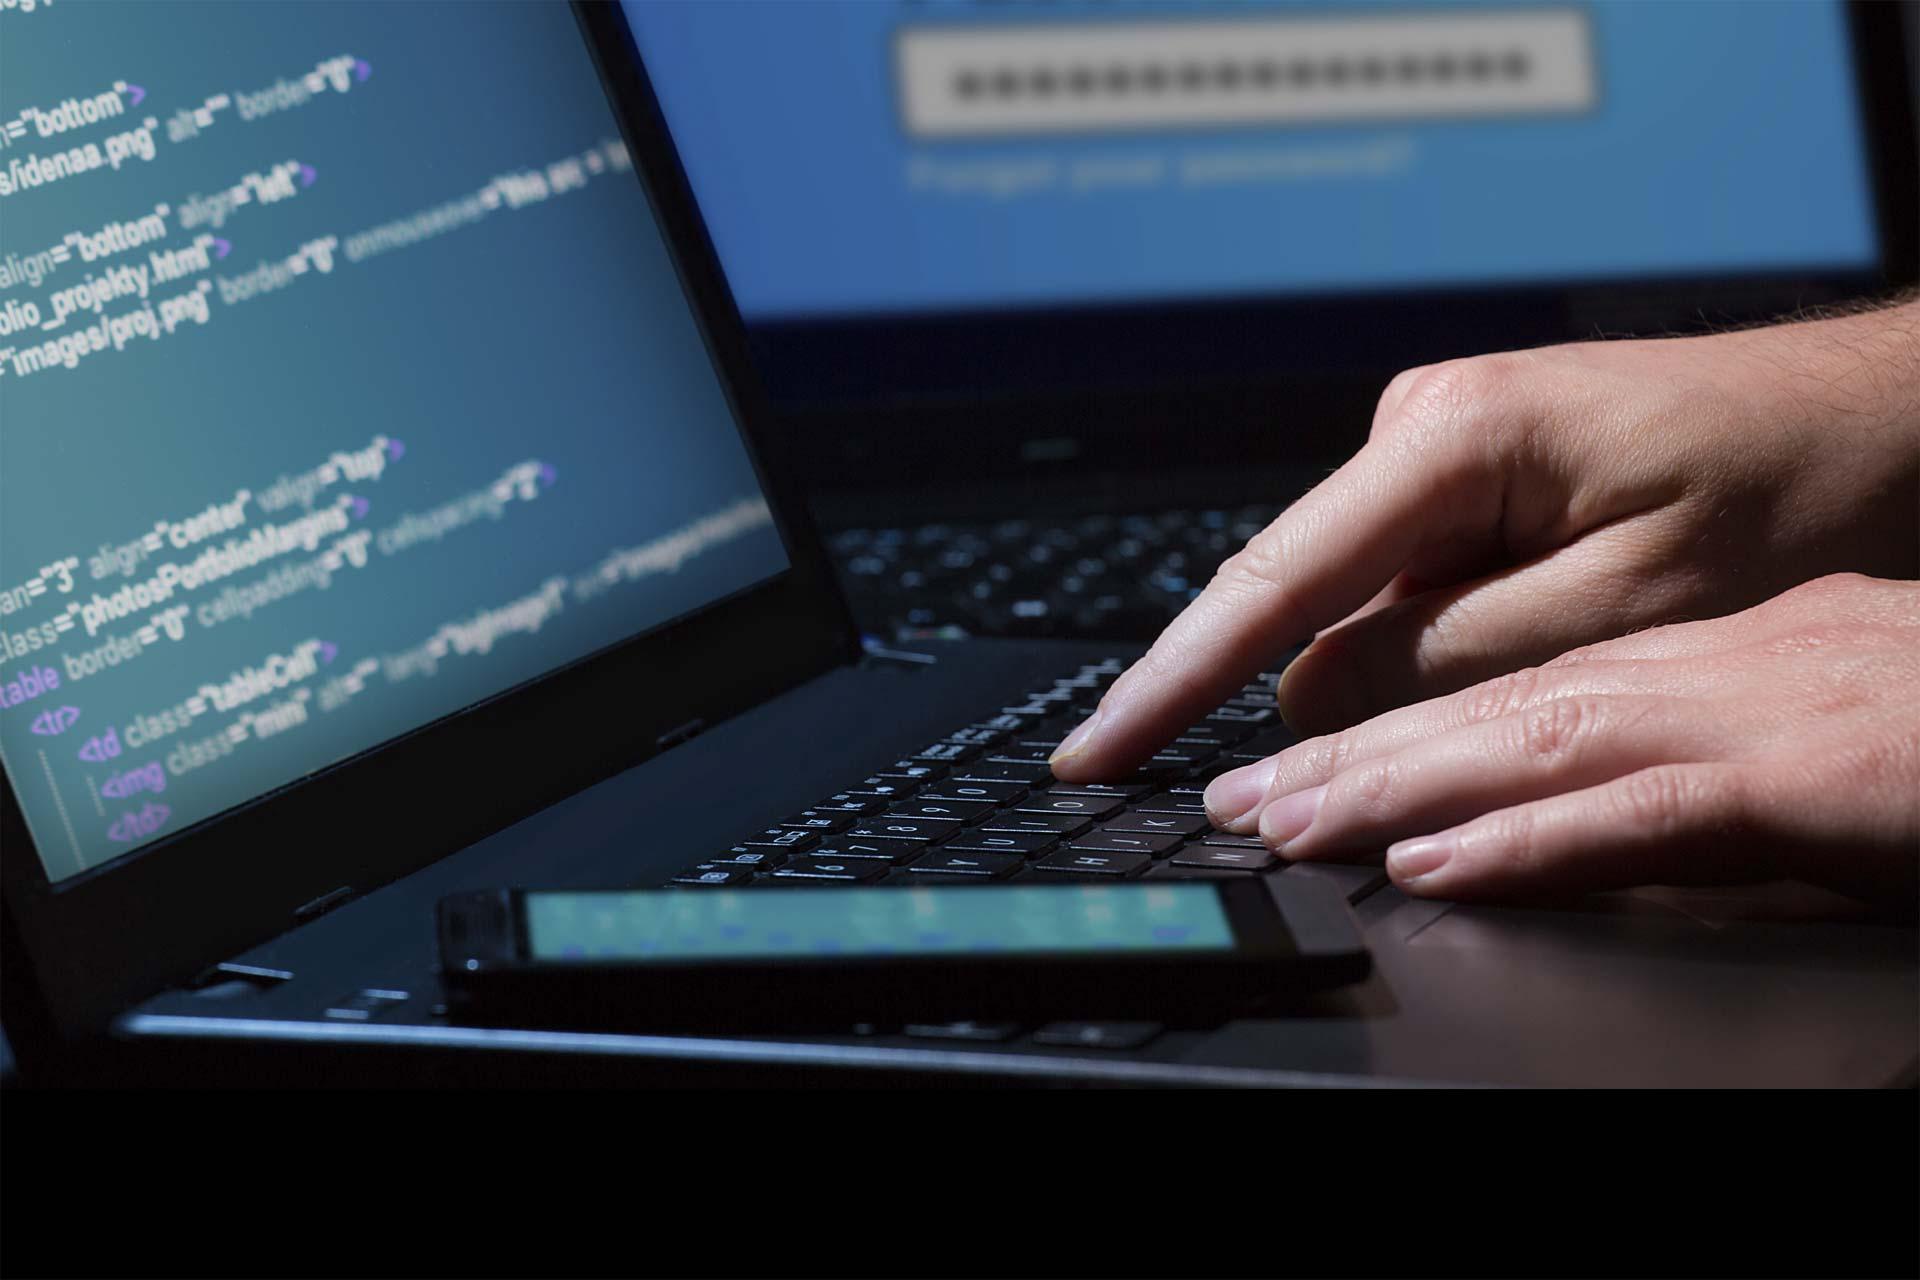 El poder de la organización terrorista se ha asentado, en parte, gracias a su influencia en Internet